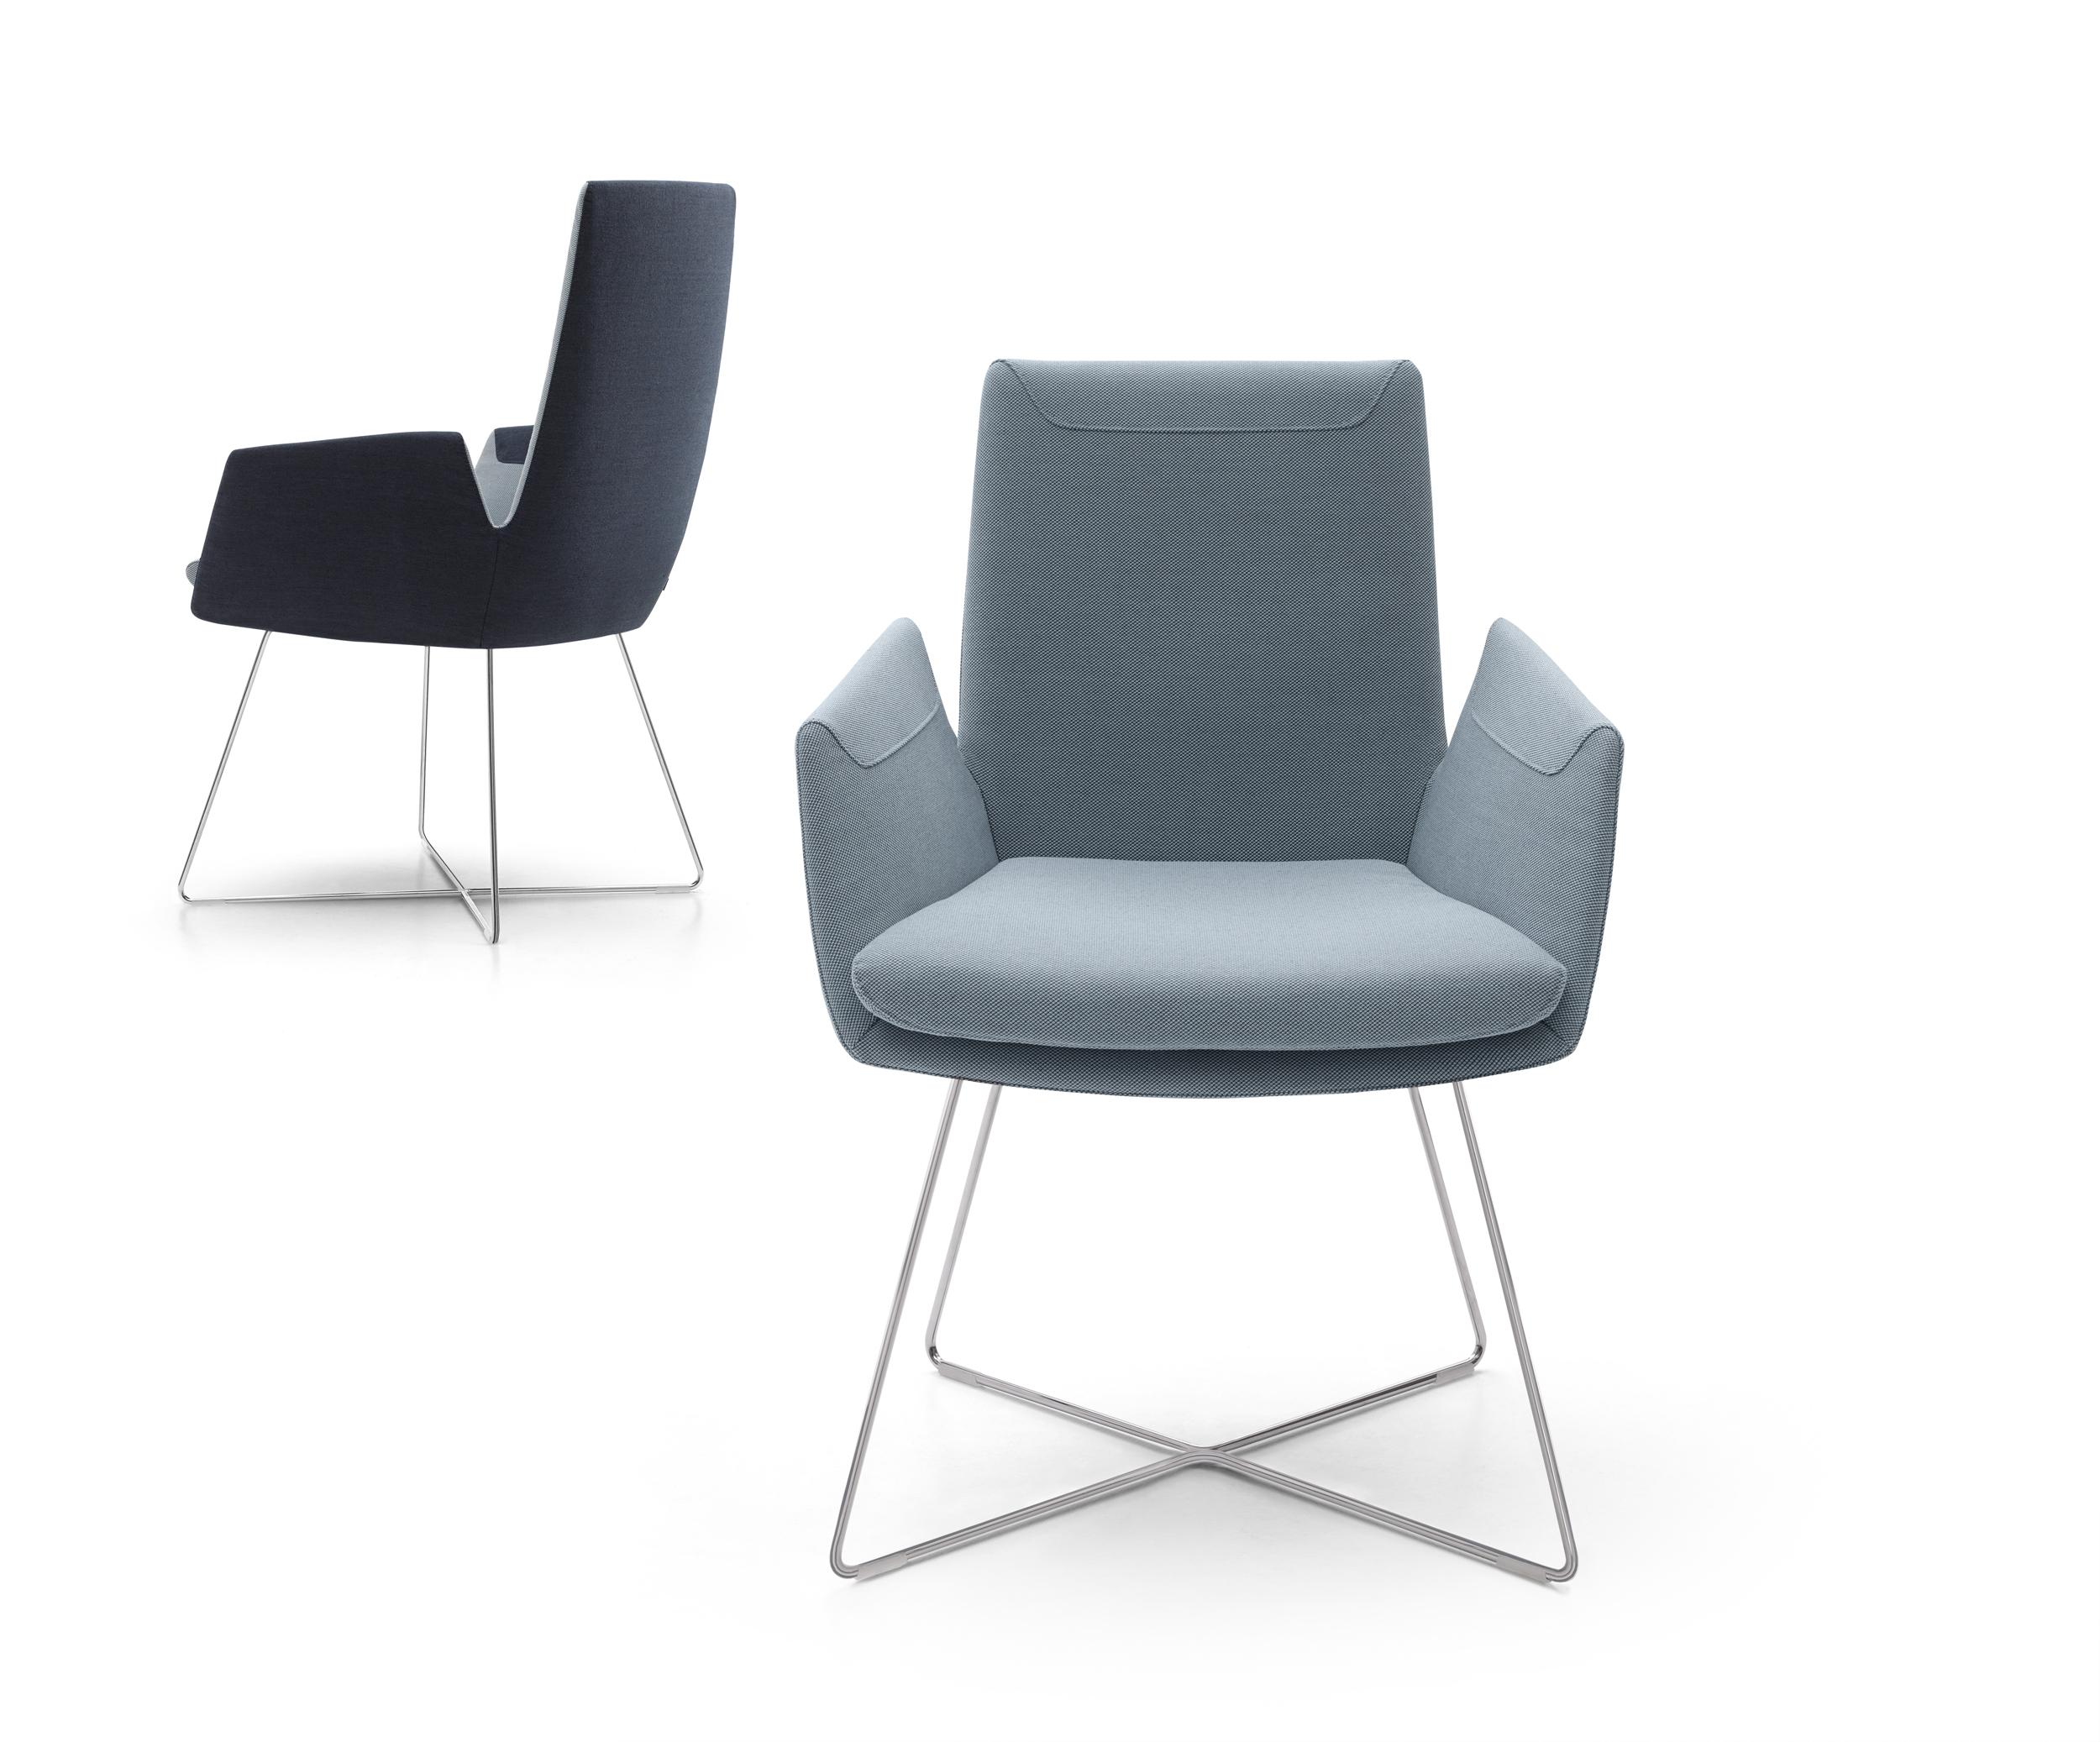 Cad zeichnung stuhl for Stuhl design dwg